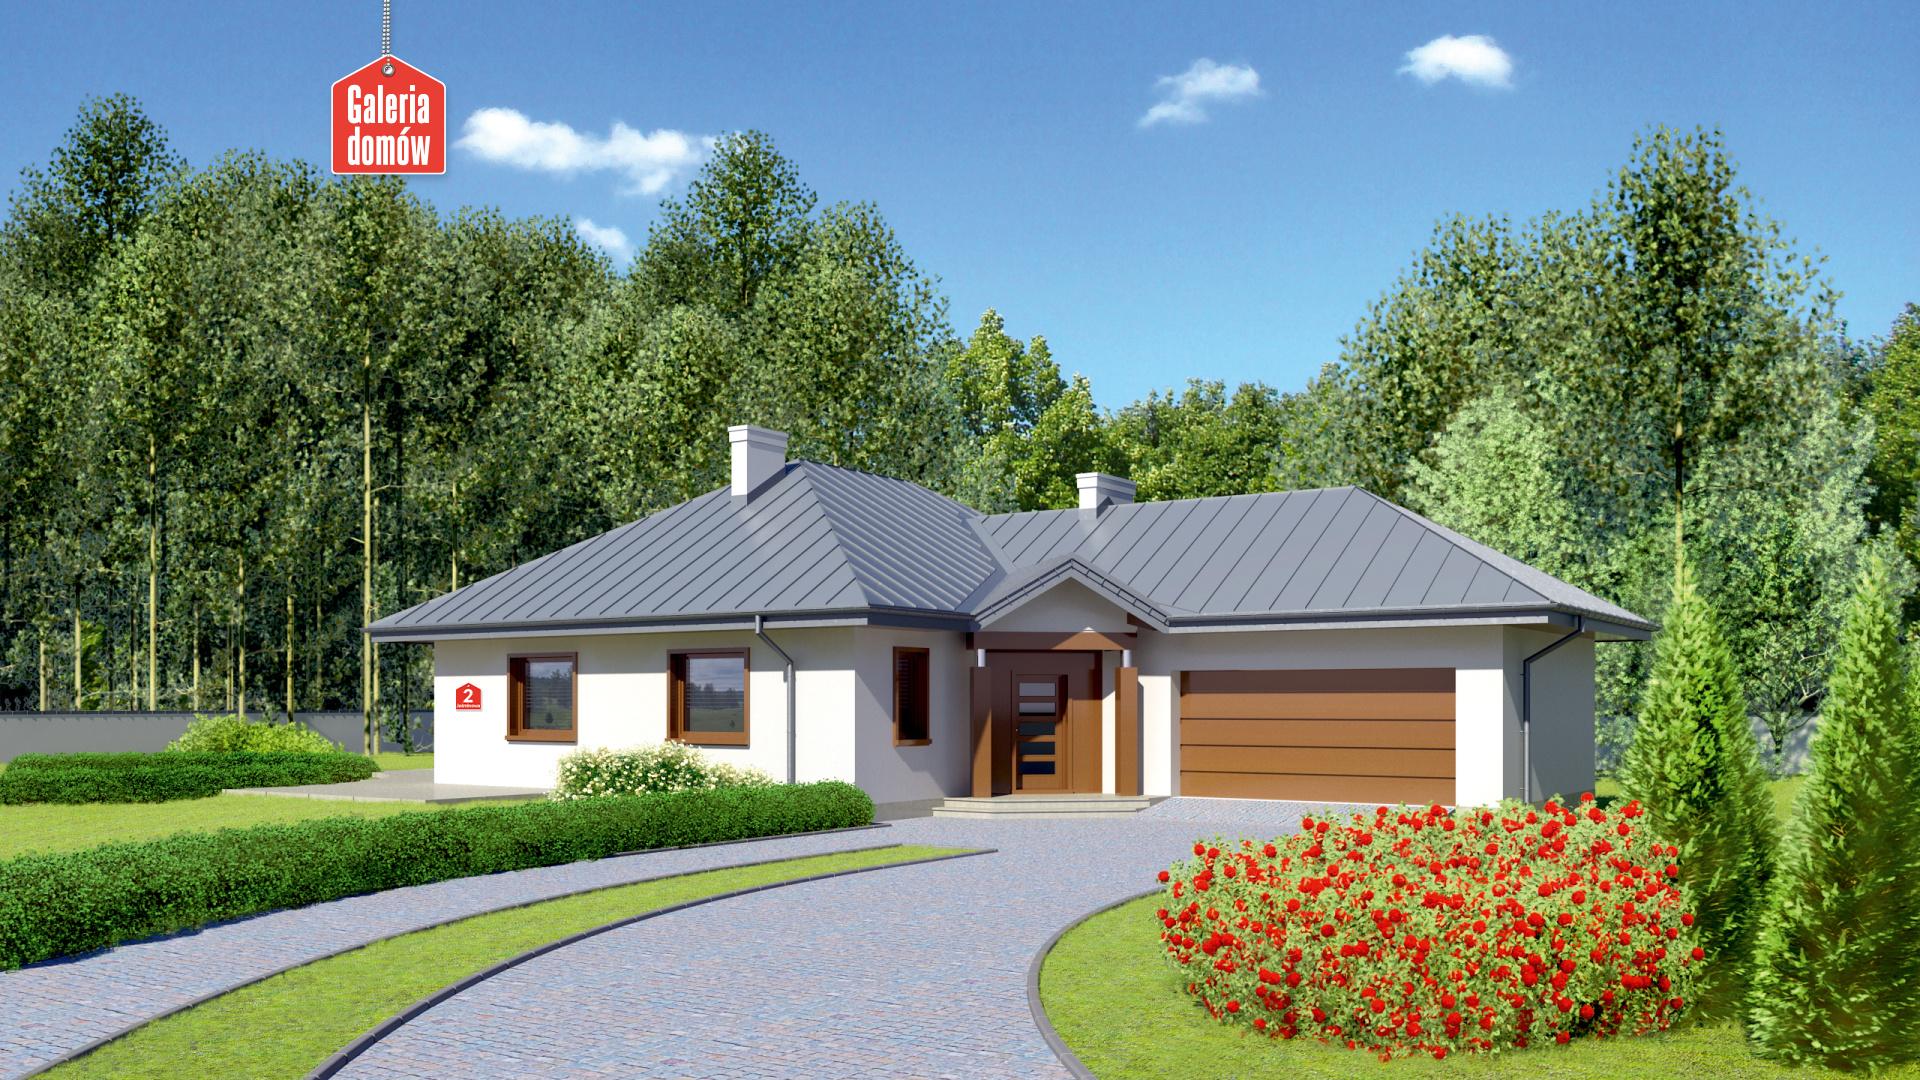 Dom przy Jaśminowej 2 - zdjęcie projektu i wizualizacja